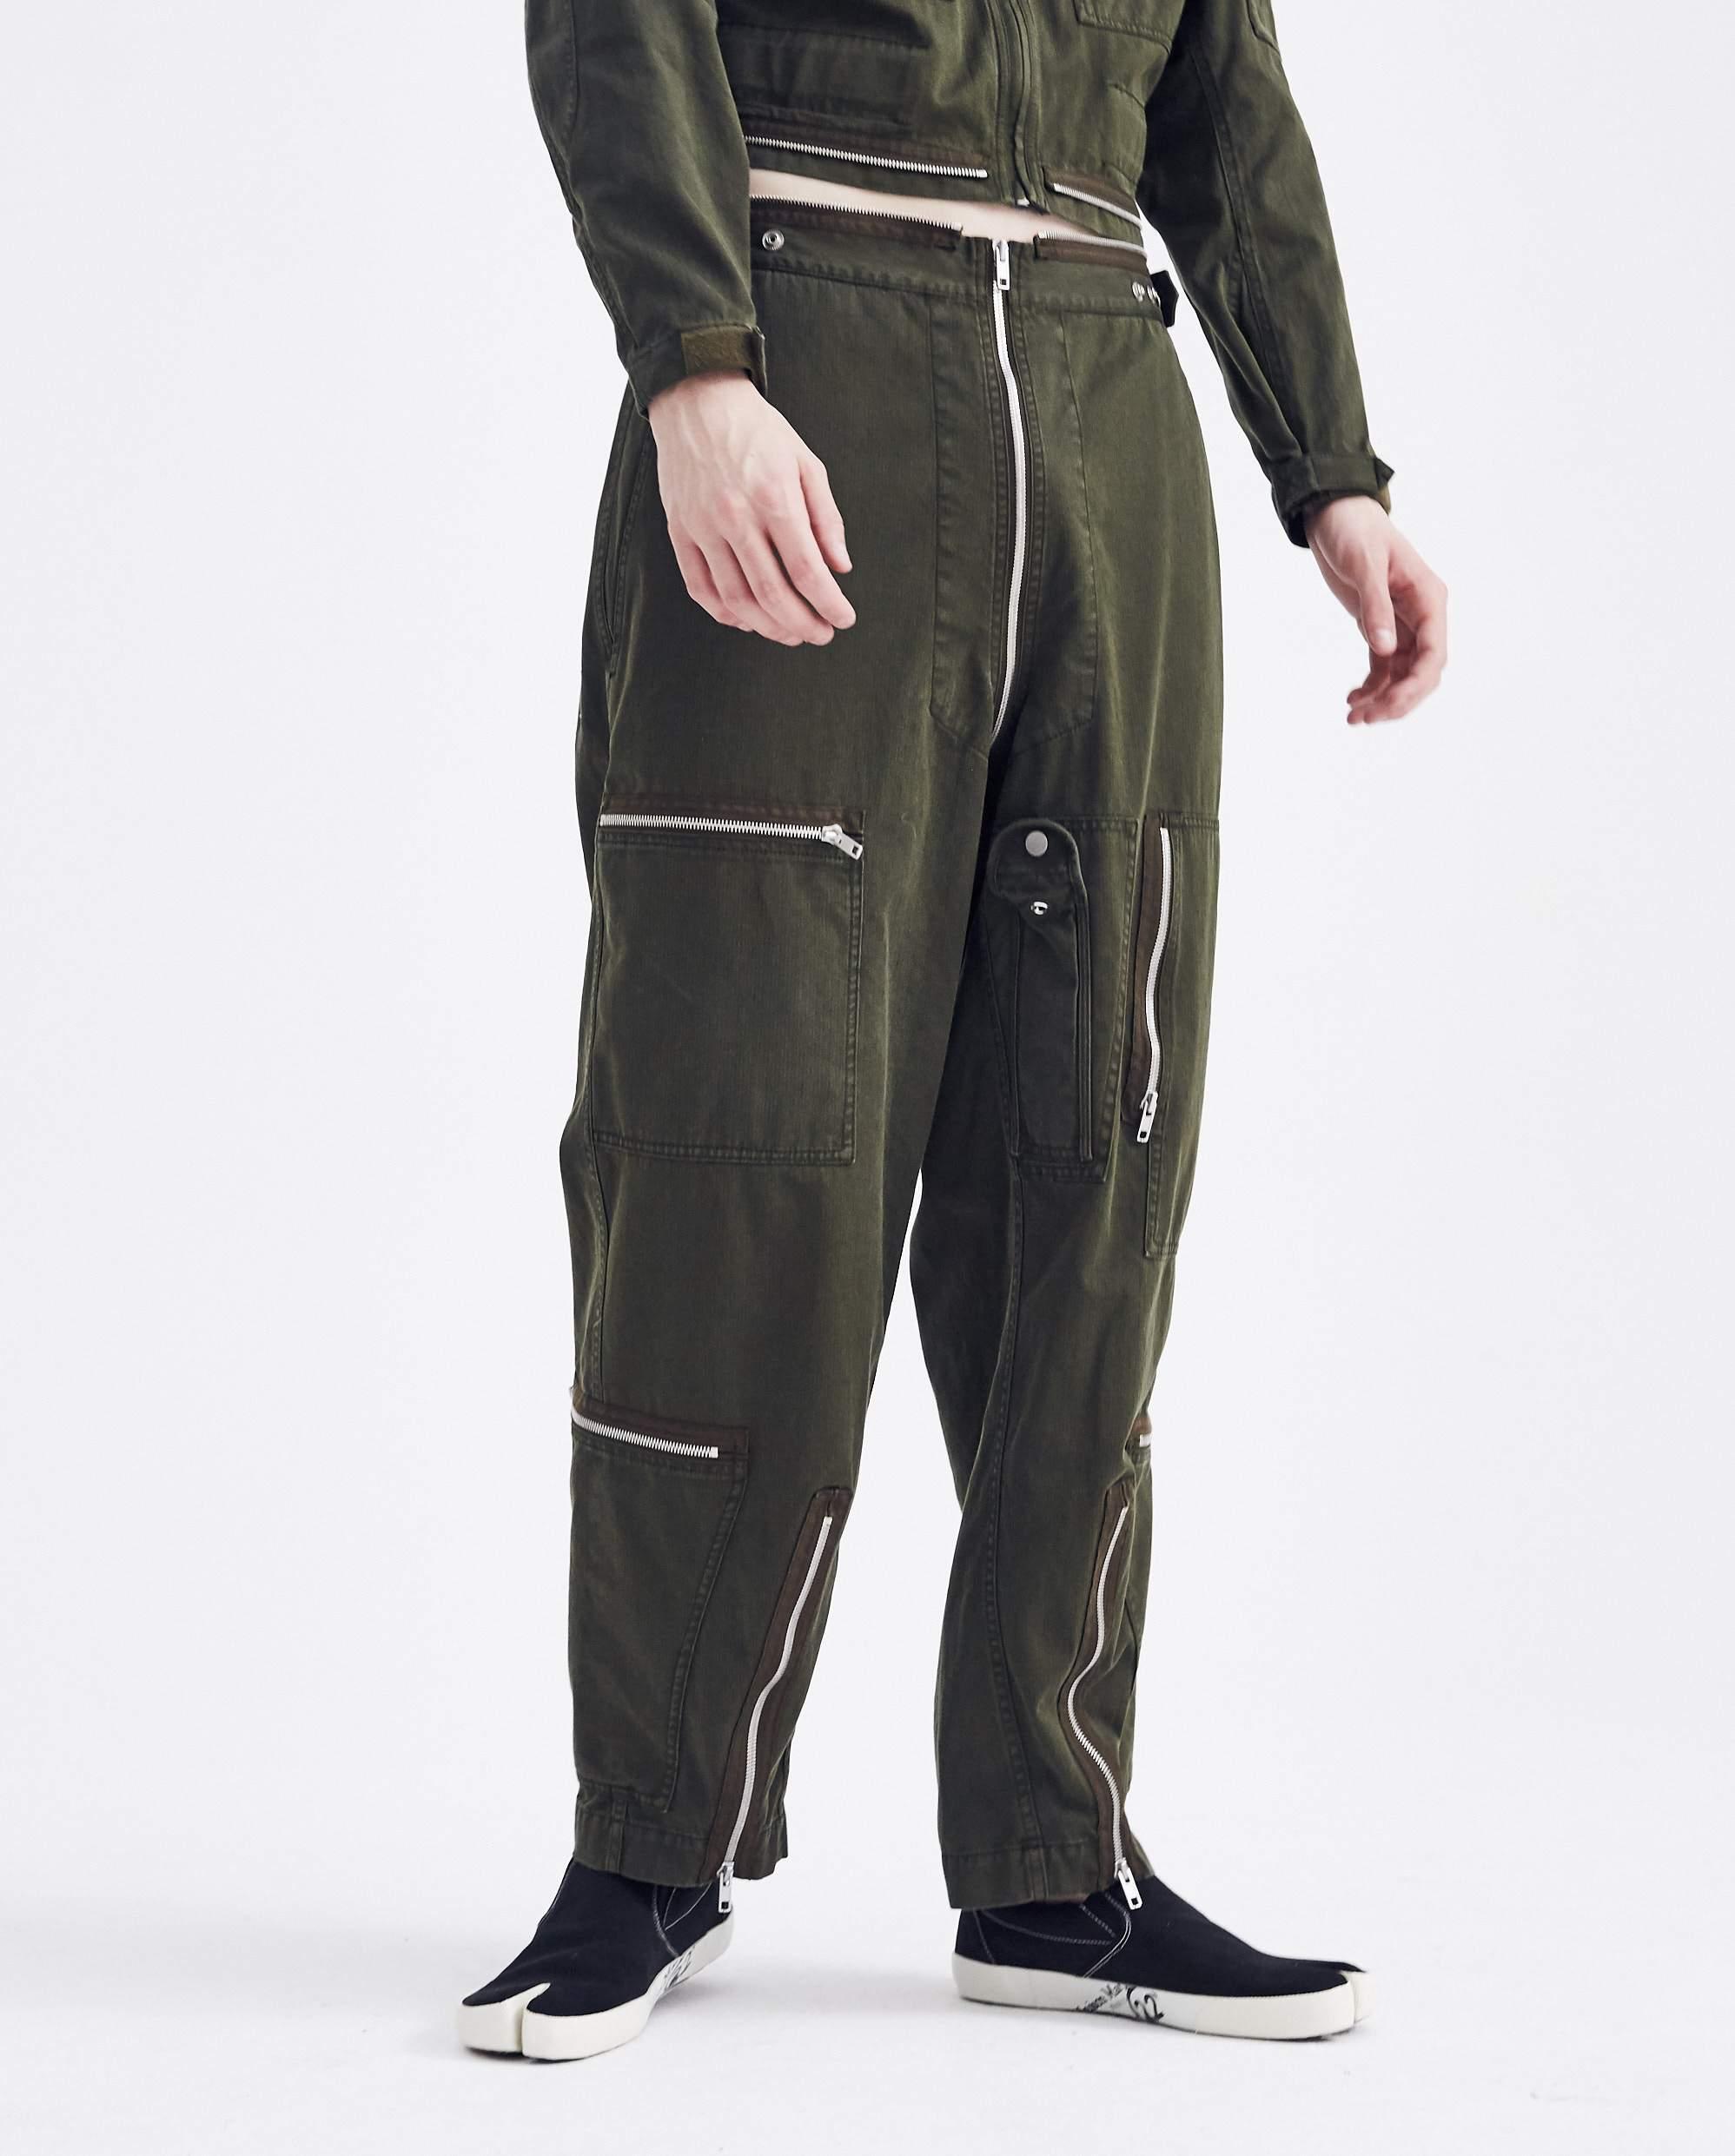 2a02a212119b Lyst - Maison Margiela Flight Jumpsuit Pants in Black for Men